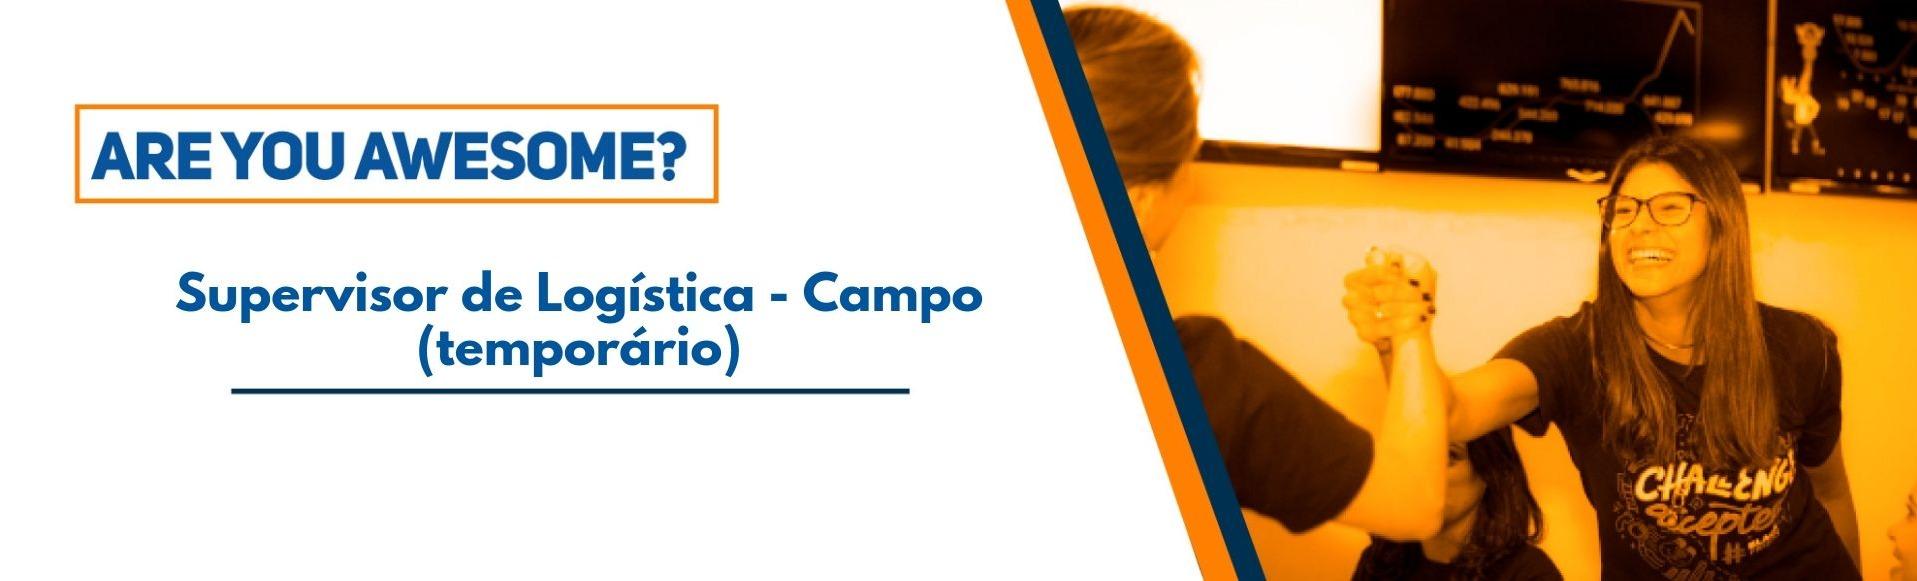 Supervisor de Logística - Campo (temporário)